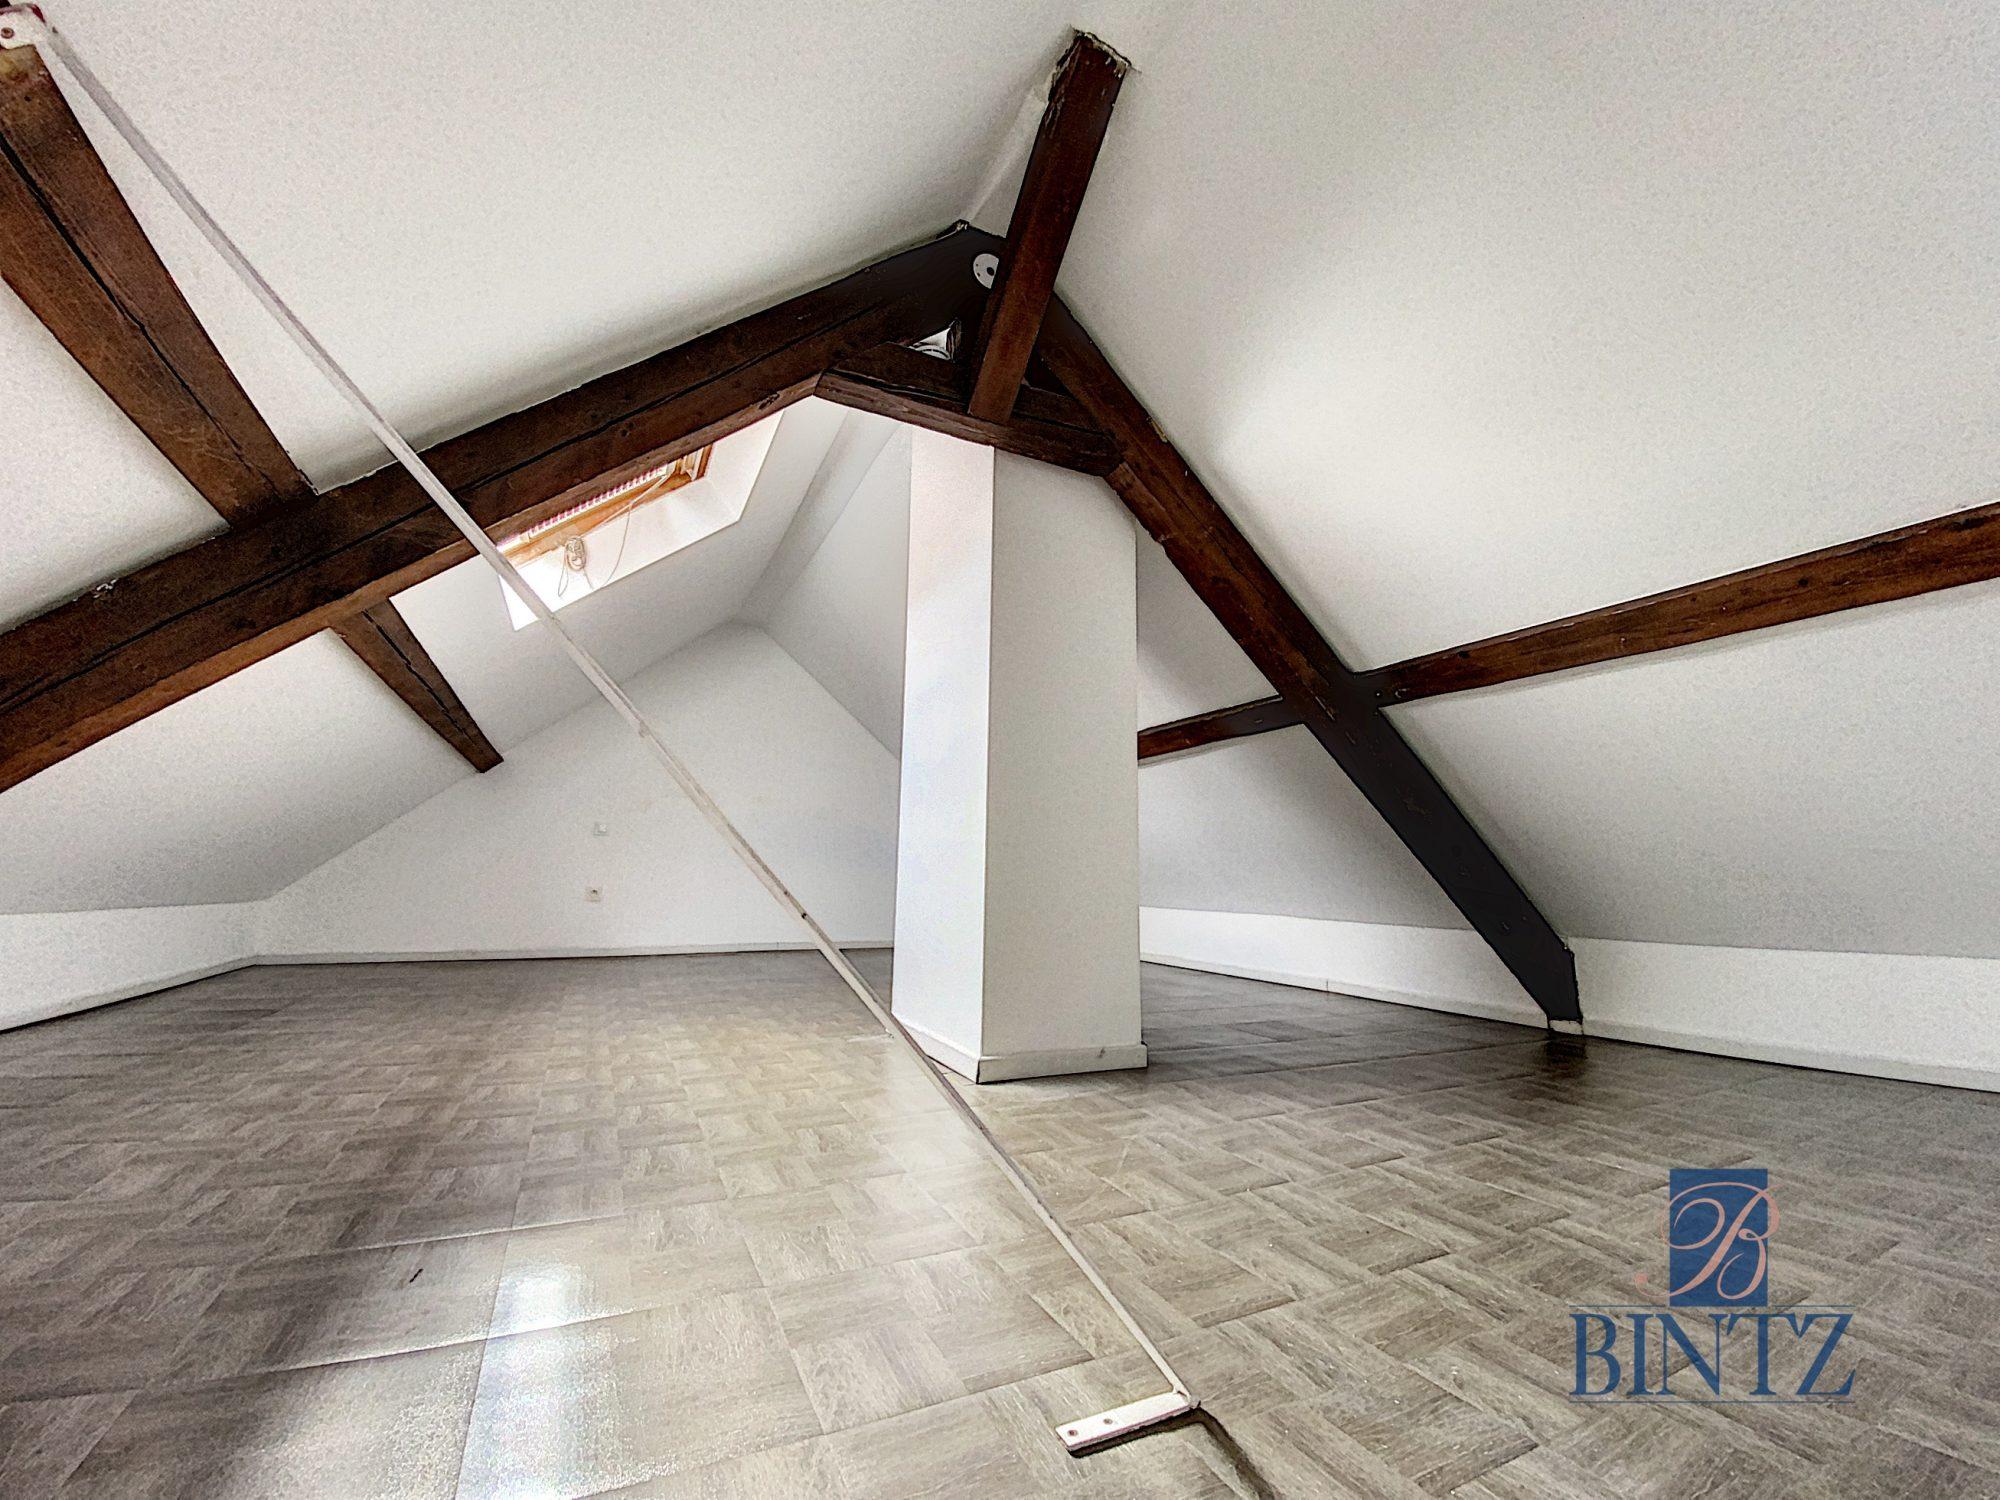 Appartement T2 à Schiltigheim - Devenez propriétaire en toute confiance - Bintz Immobilier - 3